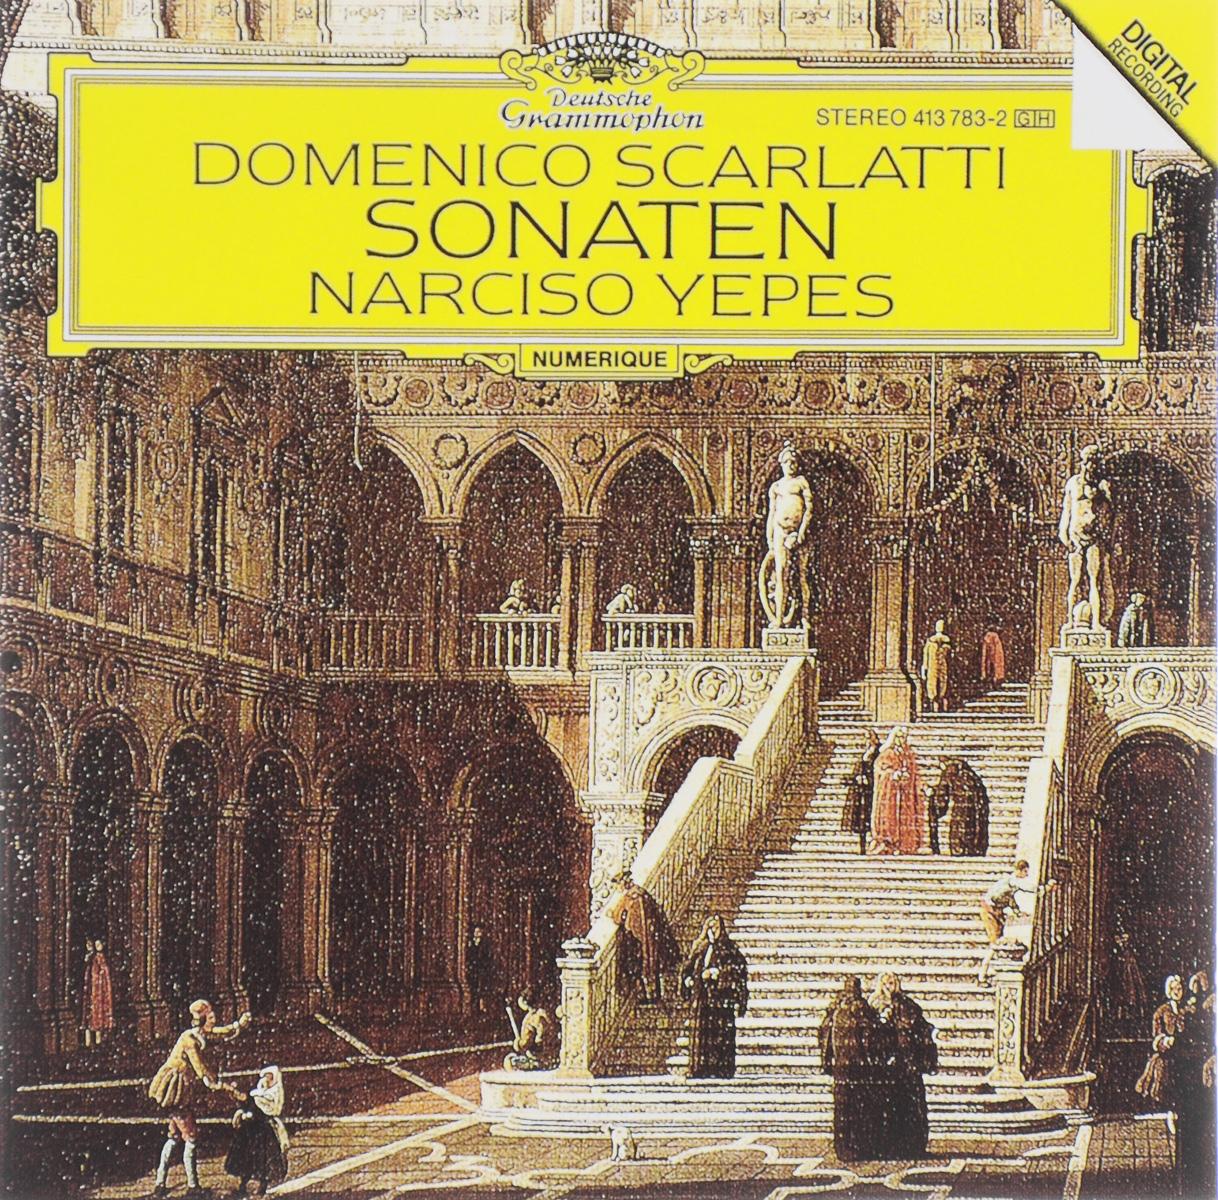 Издание содержит 12-страничный буклет с дополнительной информацией на немецком, английском и французском языках.